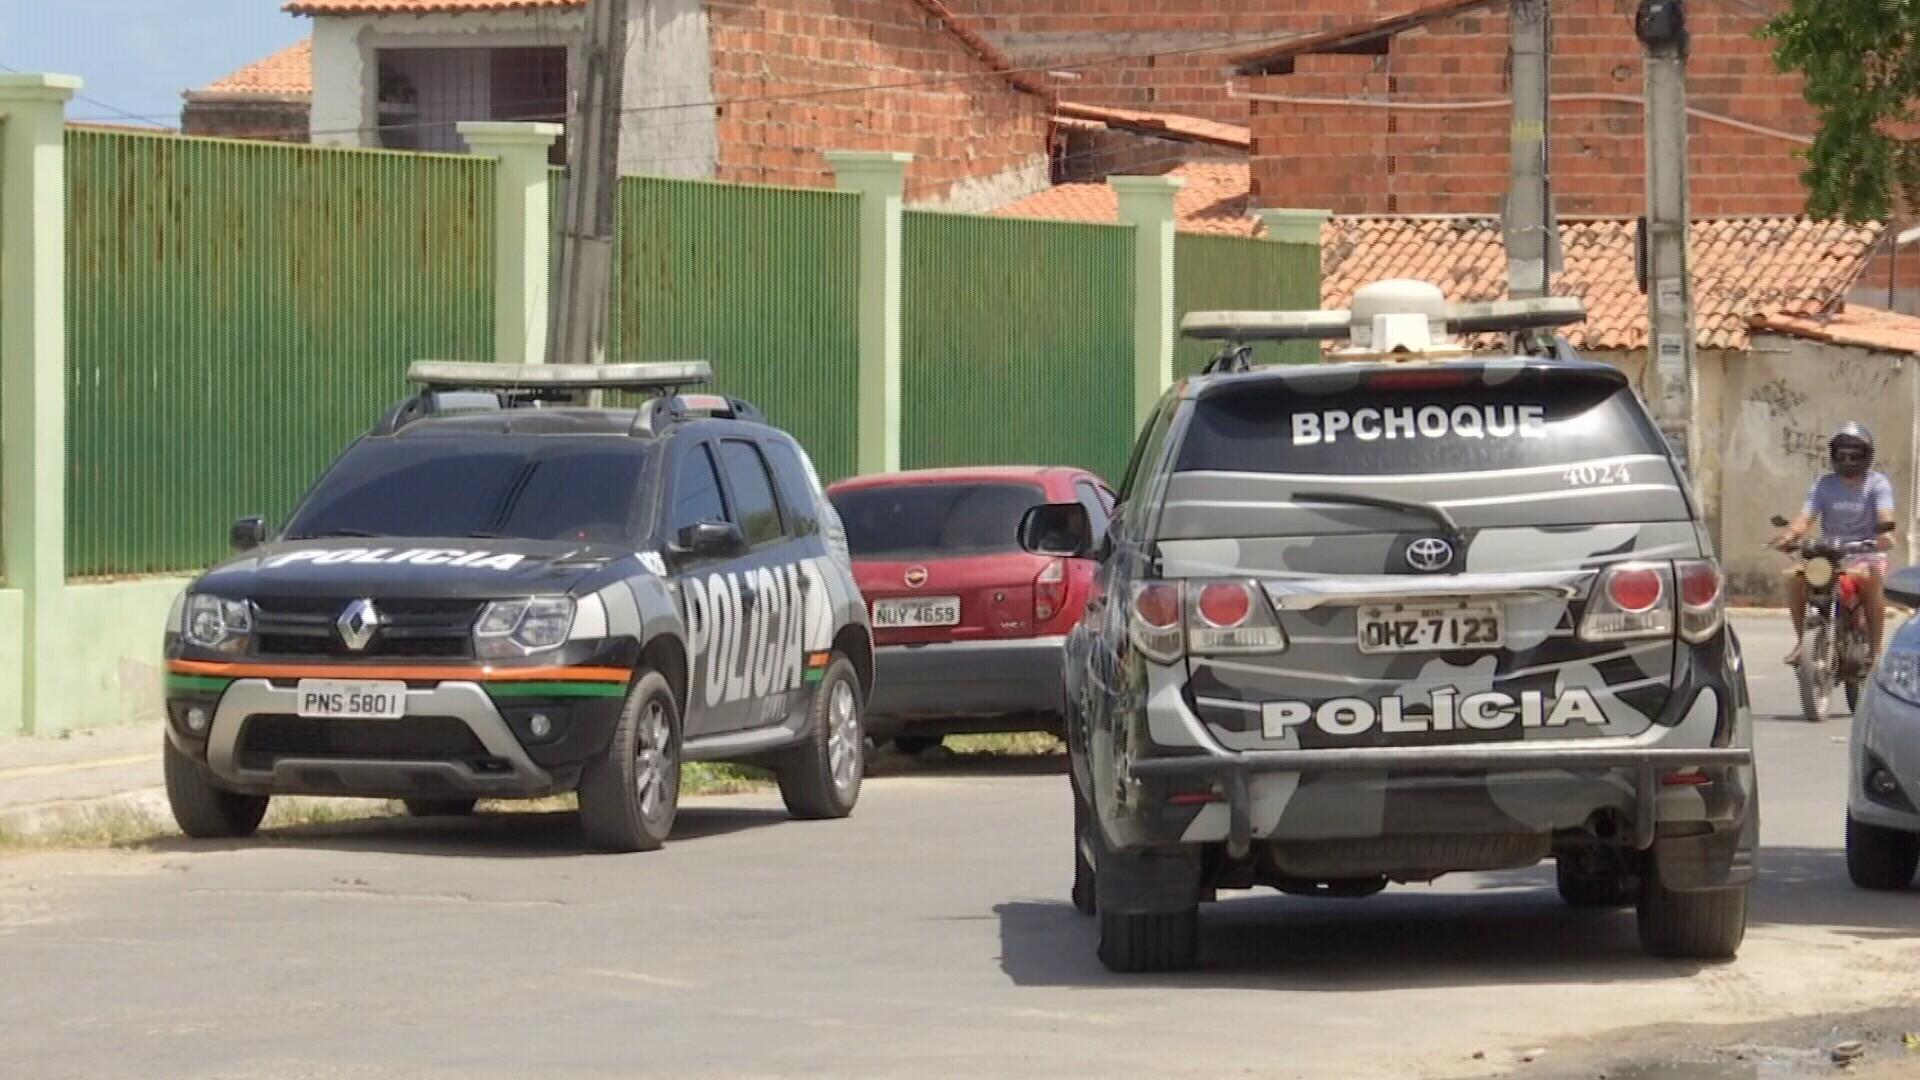 Comissão Interamericana de Direitos Humanos vem a Fortaleza inspecionar centros socioeducativos